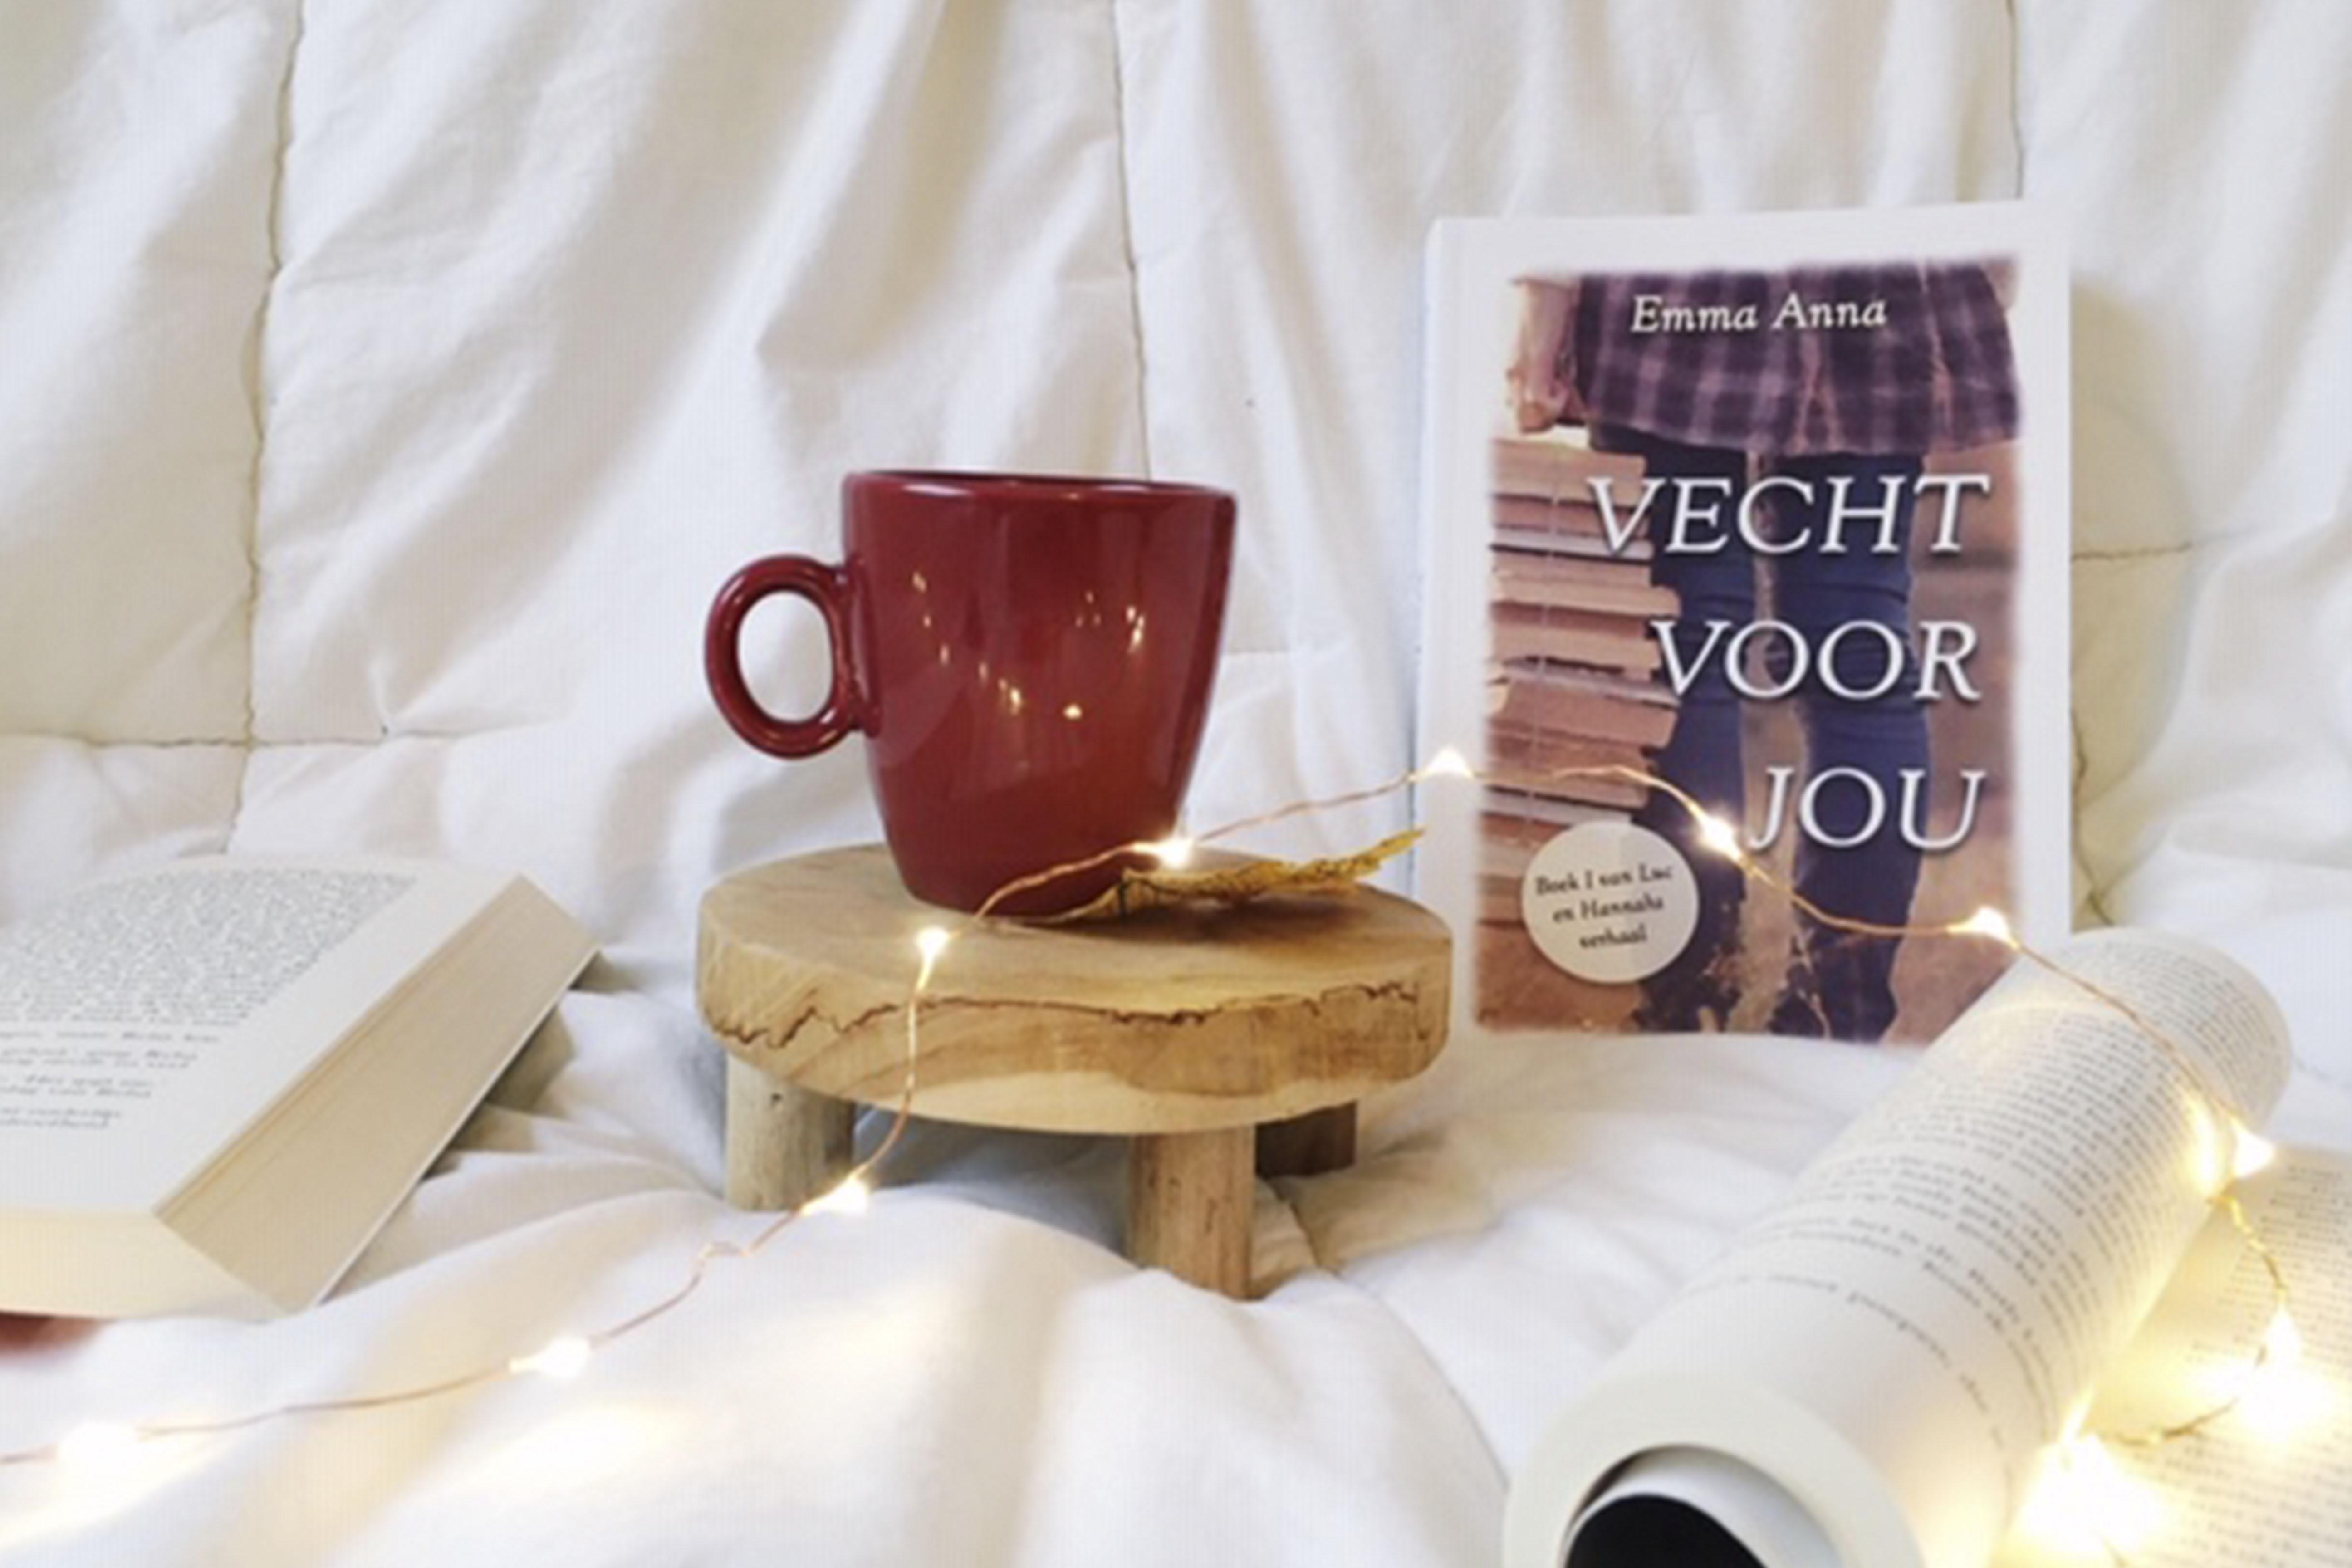 Boeken, recensie, Emma Anna, vecht voor jou